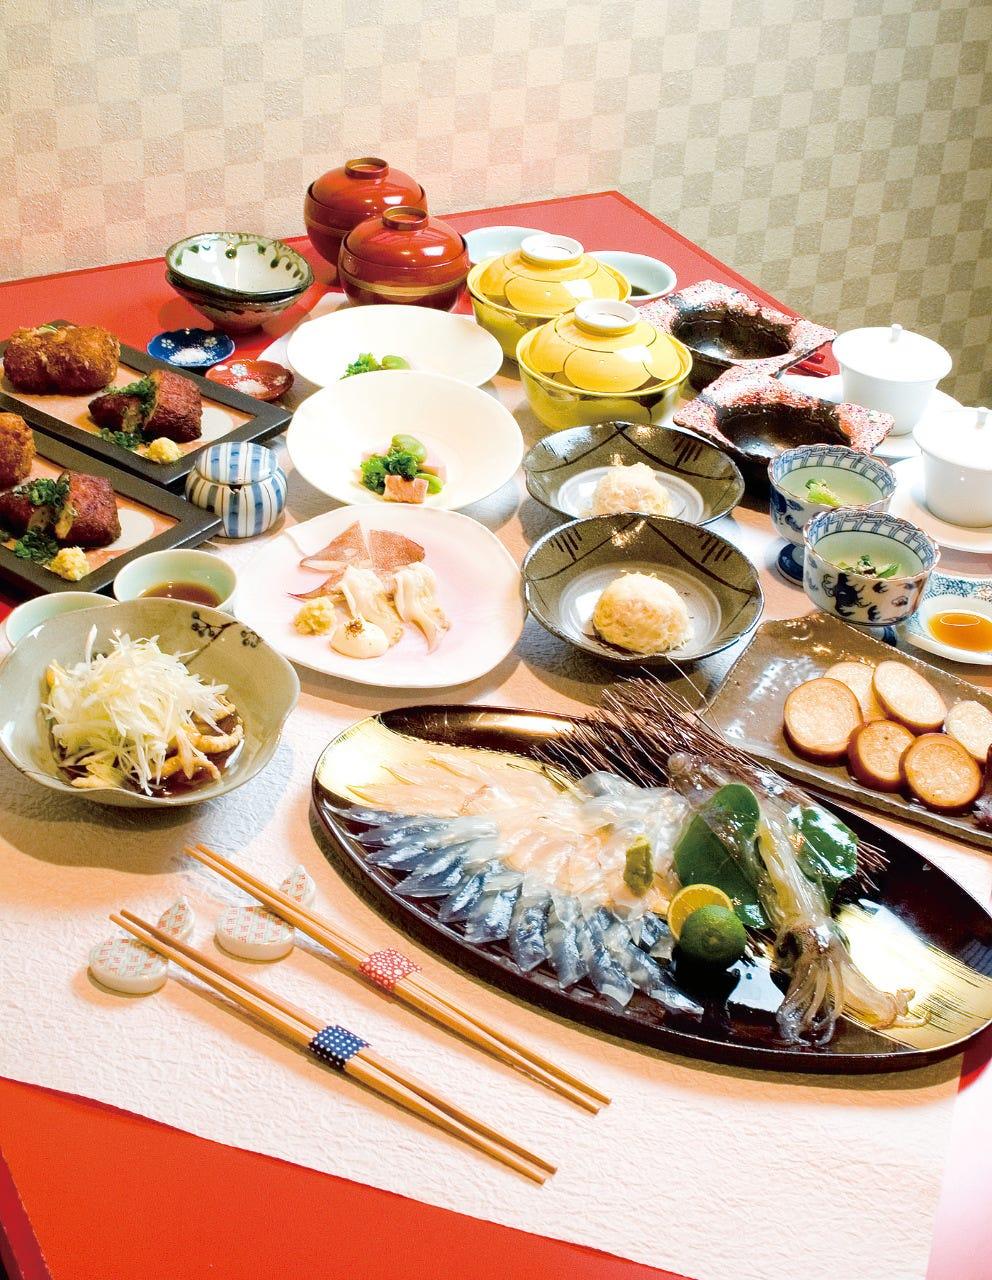 活イカ料理 いっかのイメージ写真